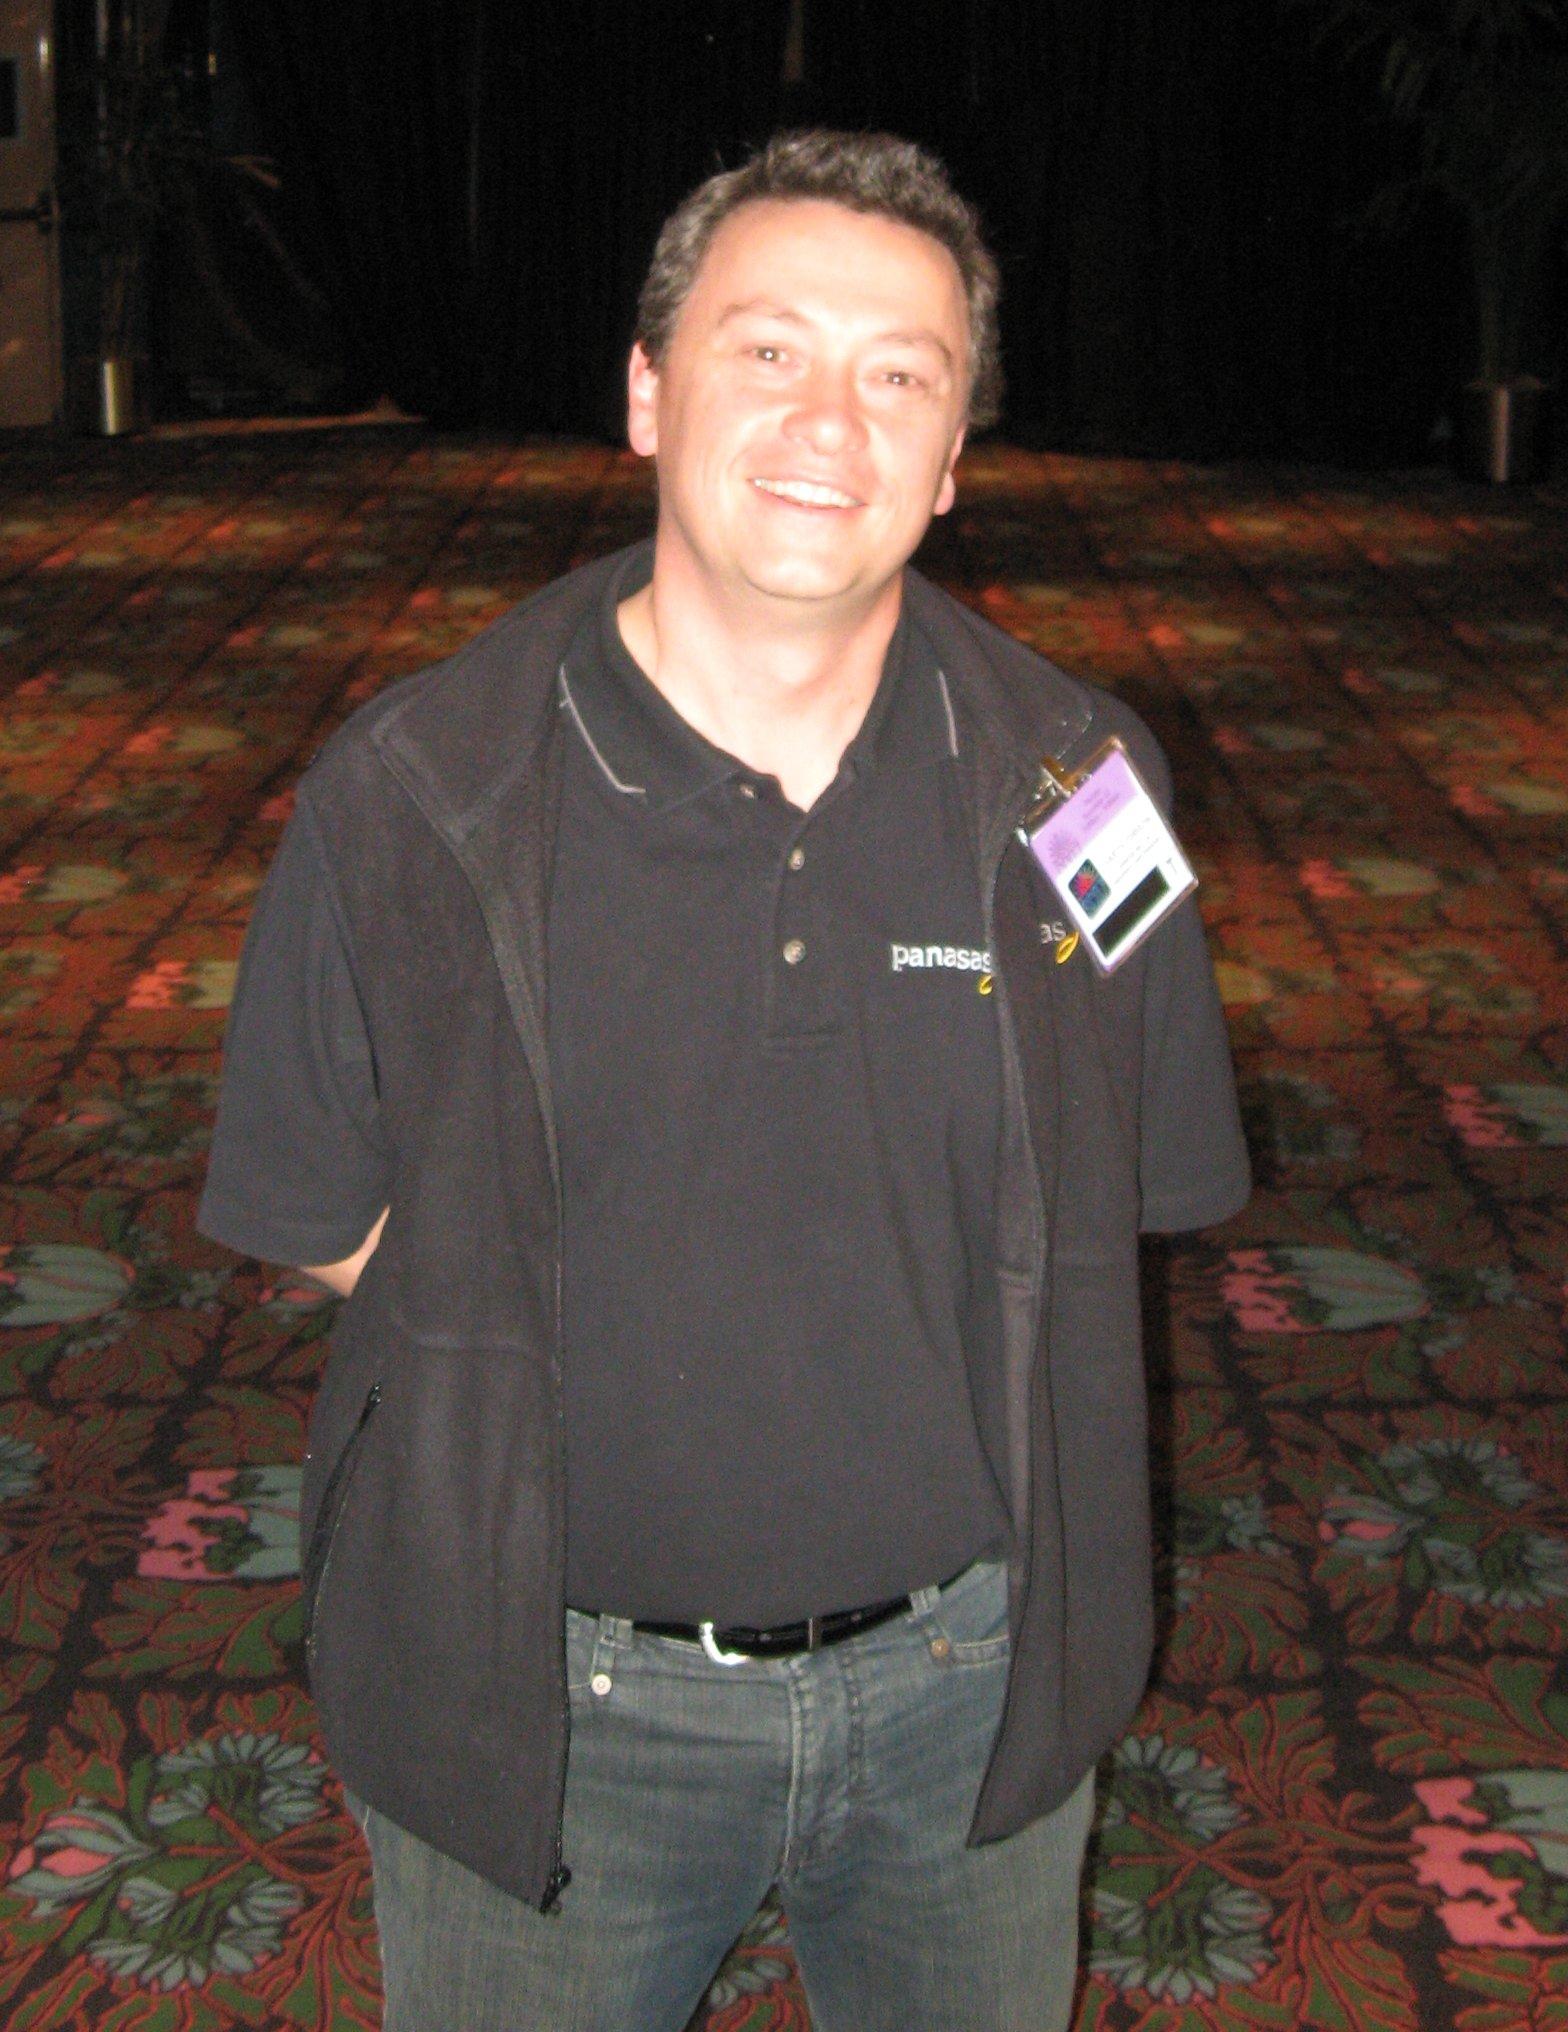 Garth Gibson at Supercomputing 2007